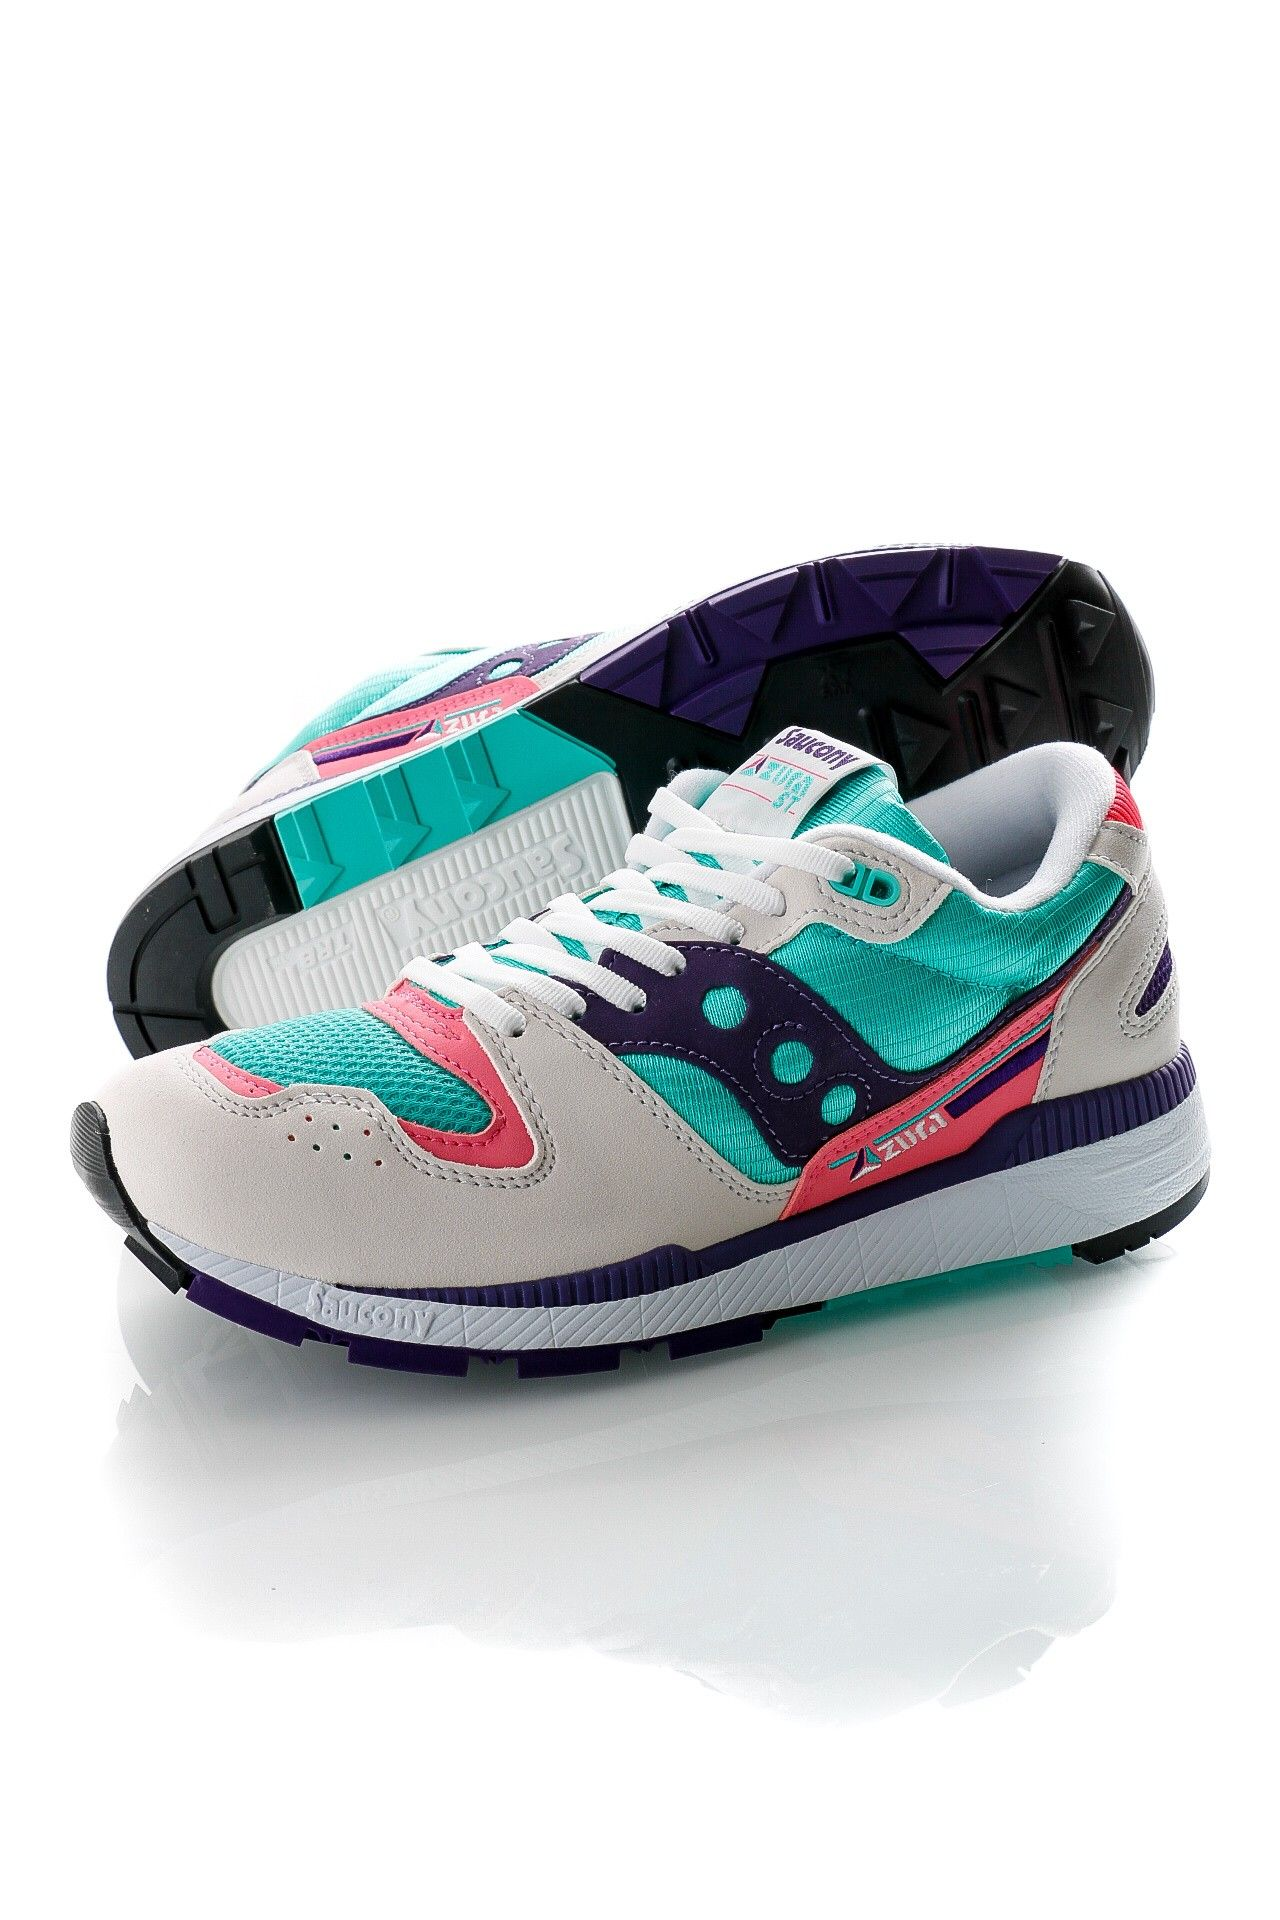 Afbeelding van Saucony Sneakers Azura White/Teal/Indigo S70437-35